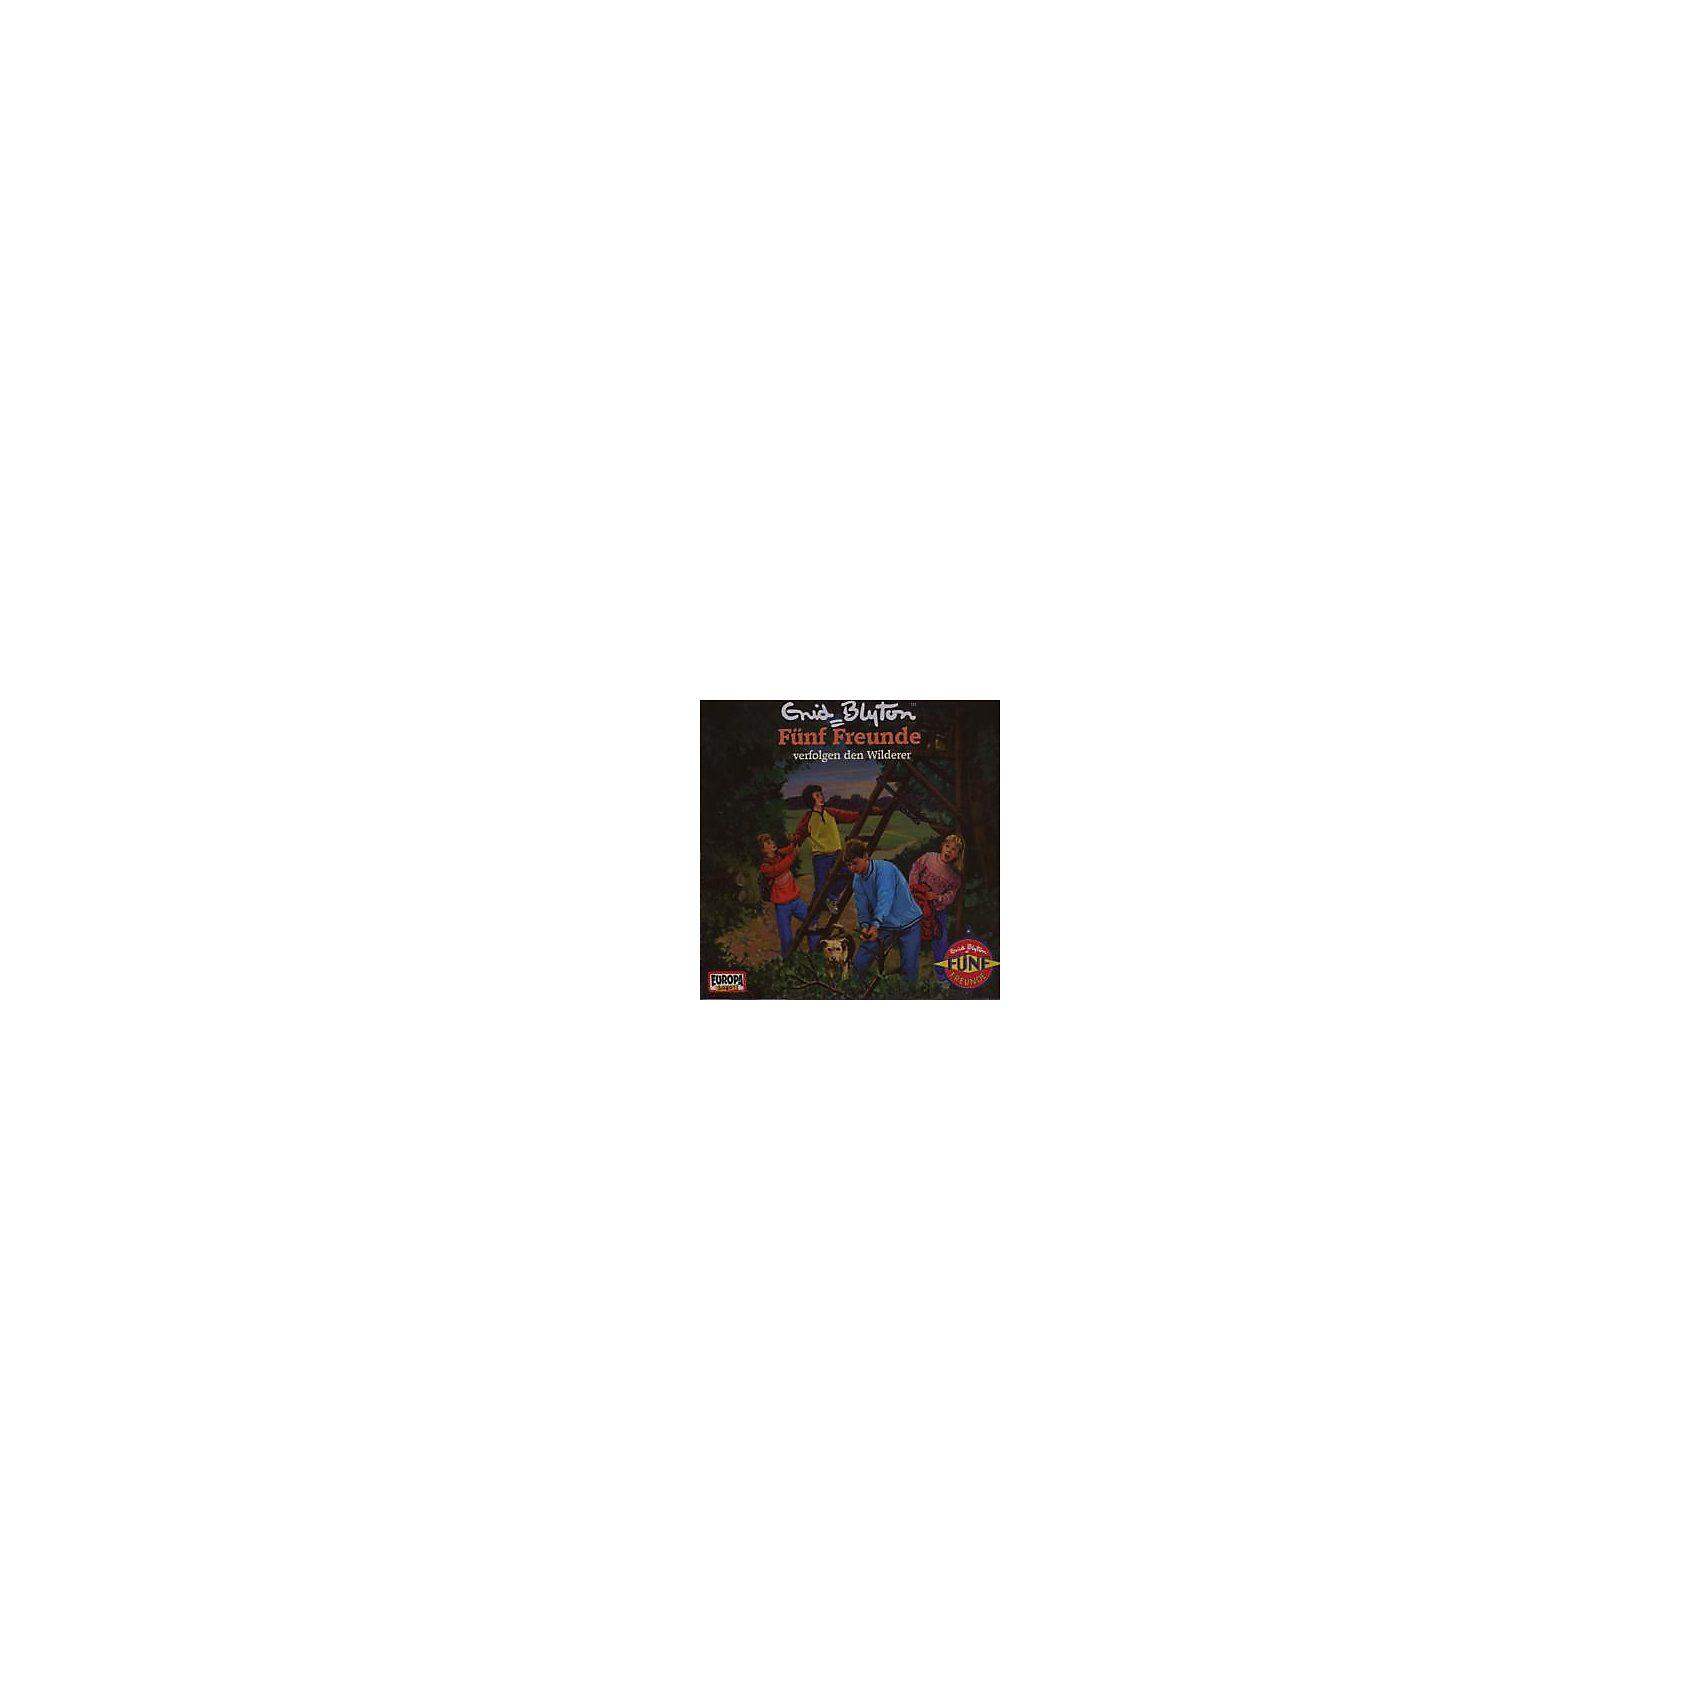 Sony CD Fünf Freunde 74 (verfolgen die Wilddiebe)